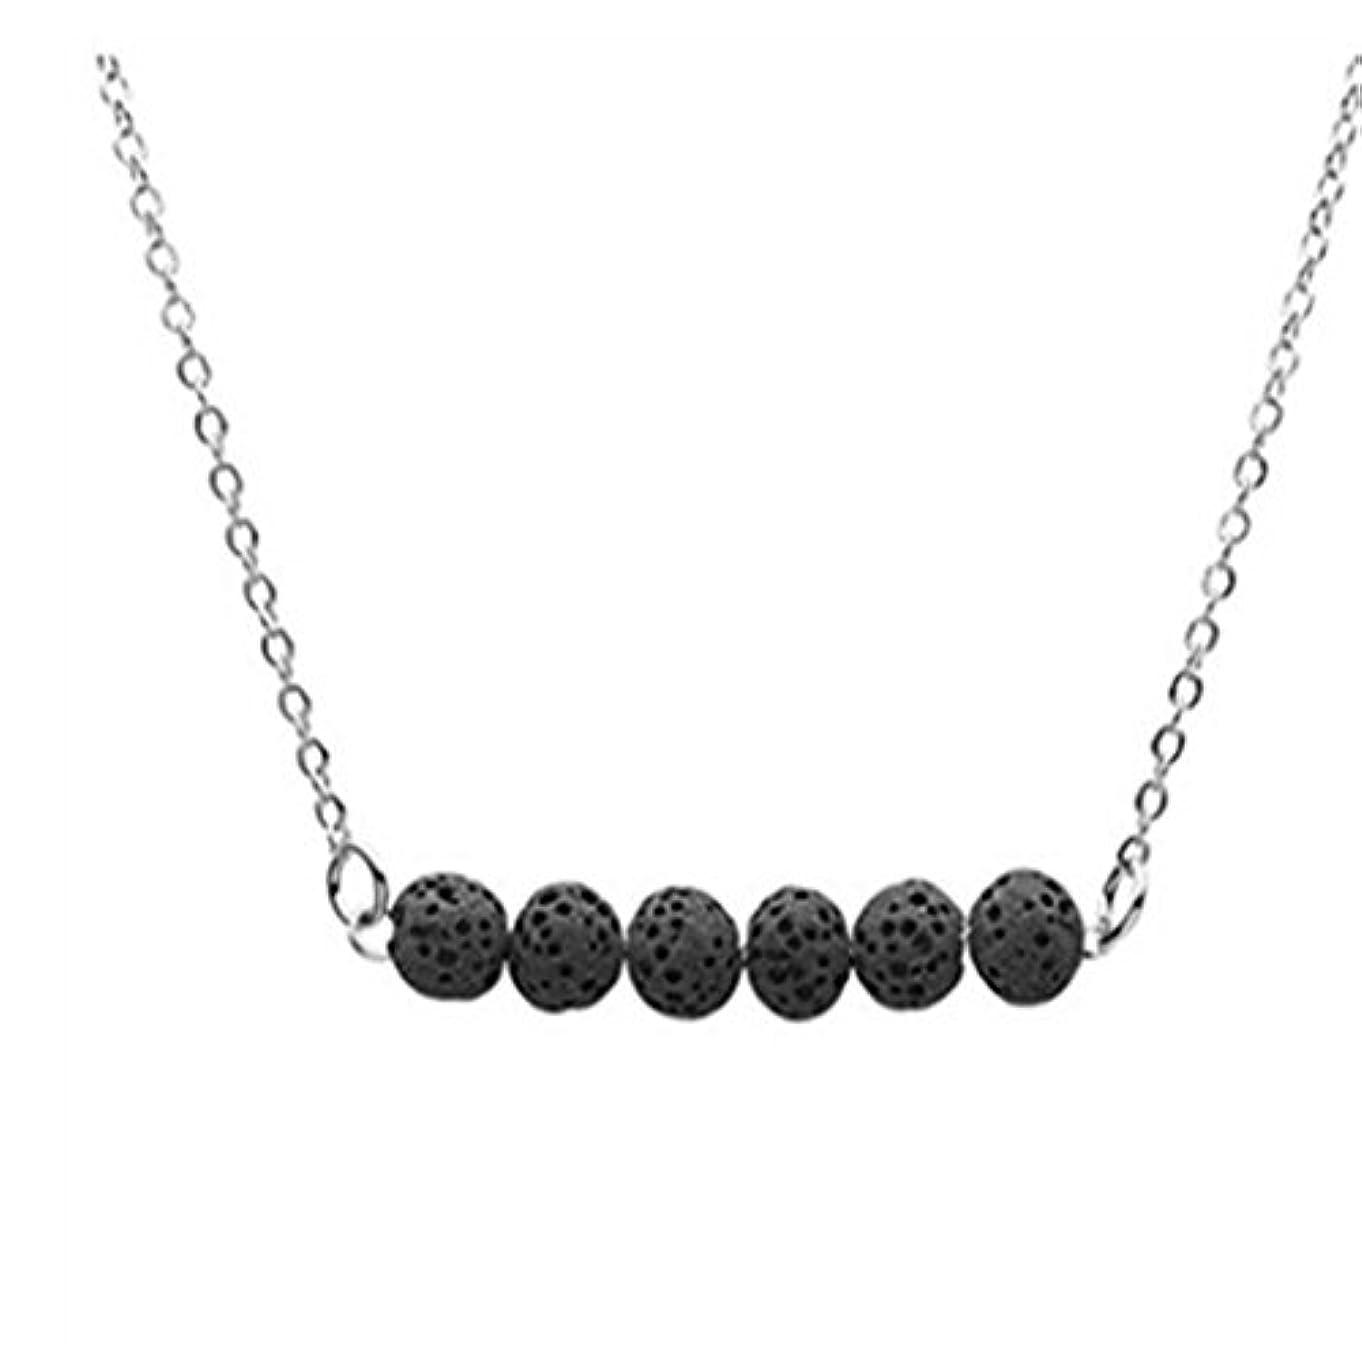 コミュニティ活性化アナリストcianowegy Simple Tinyラバストーンネックレス、Essential Oil Diffuserネックレスwith Lava Stone – ステンレススチール ブラック